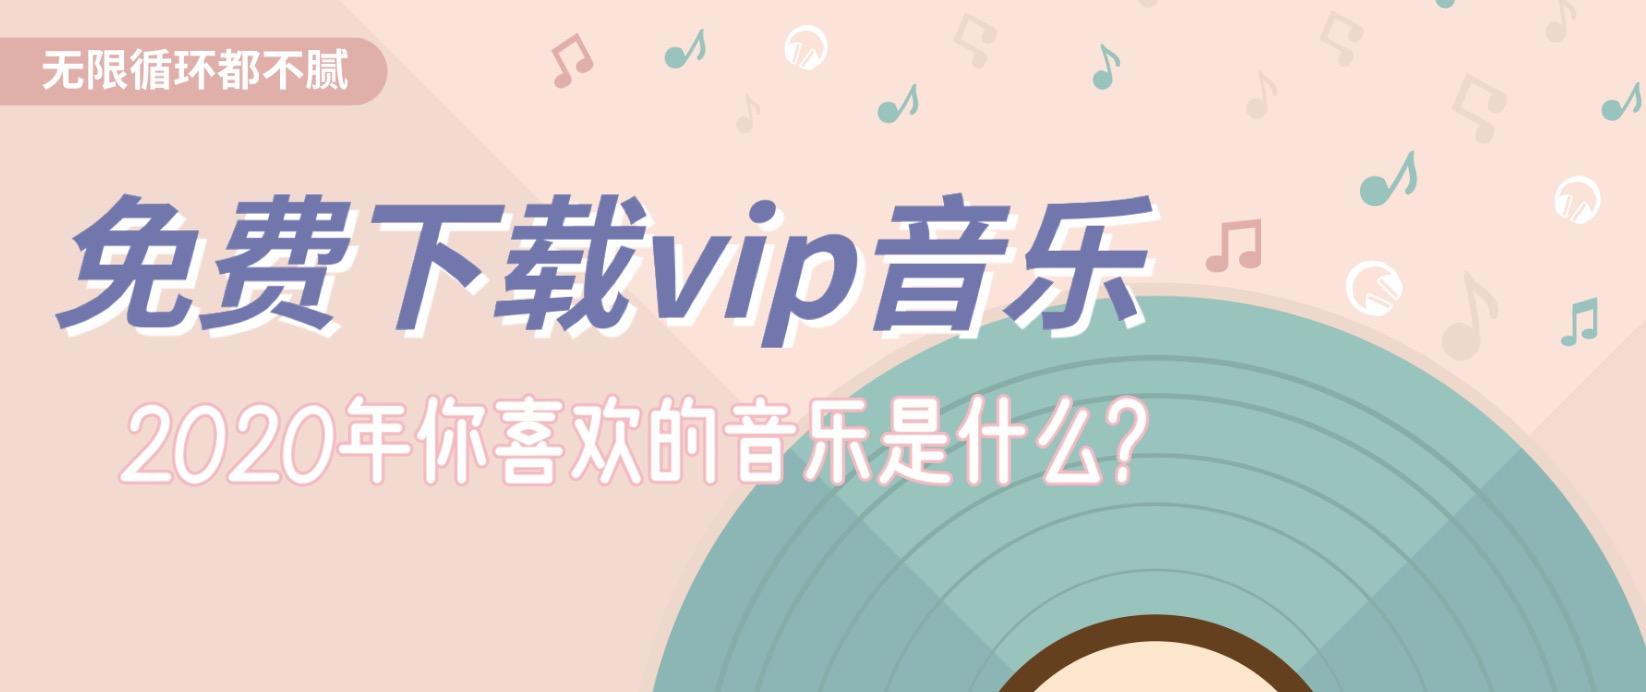 免費下載vip音樂的app